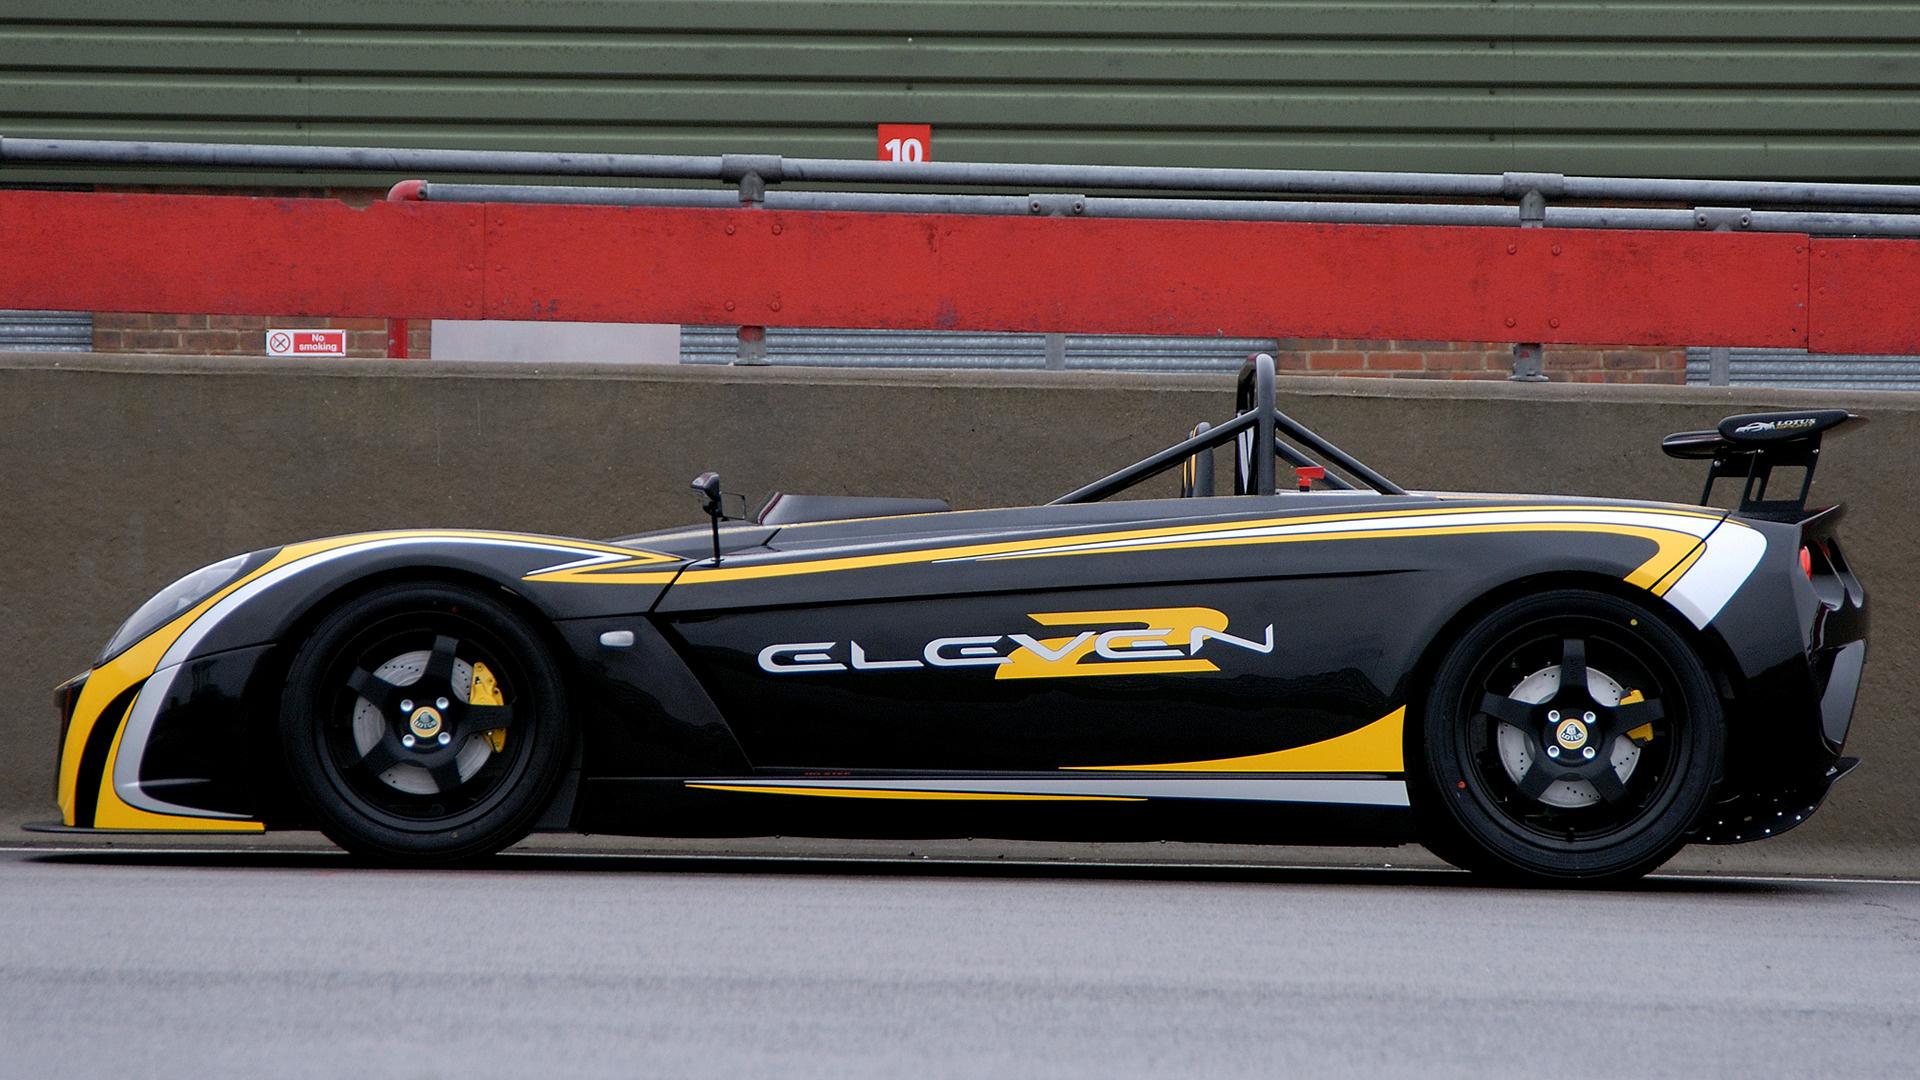 спортивный автомобиль lotus 3 eleven sports car скачать